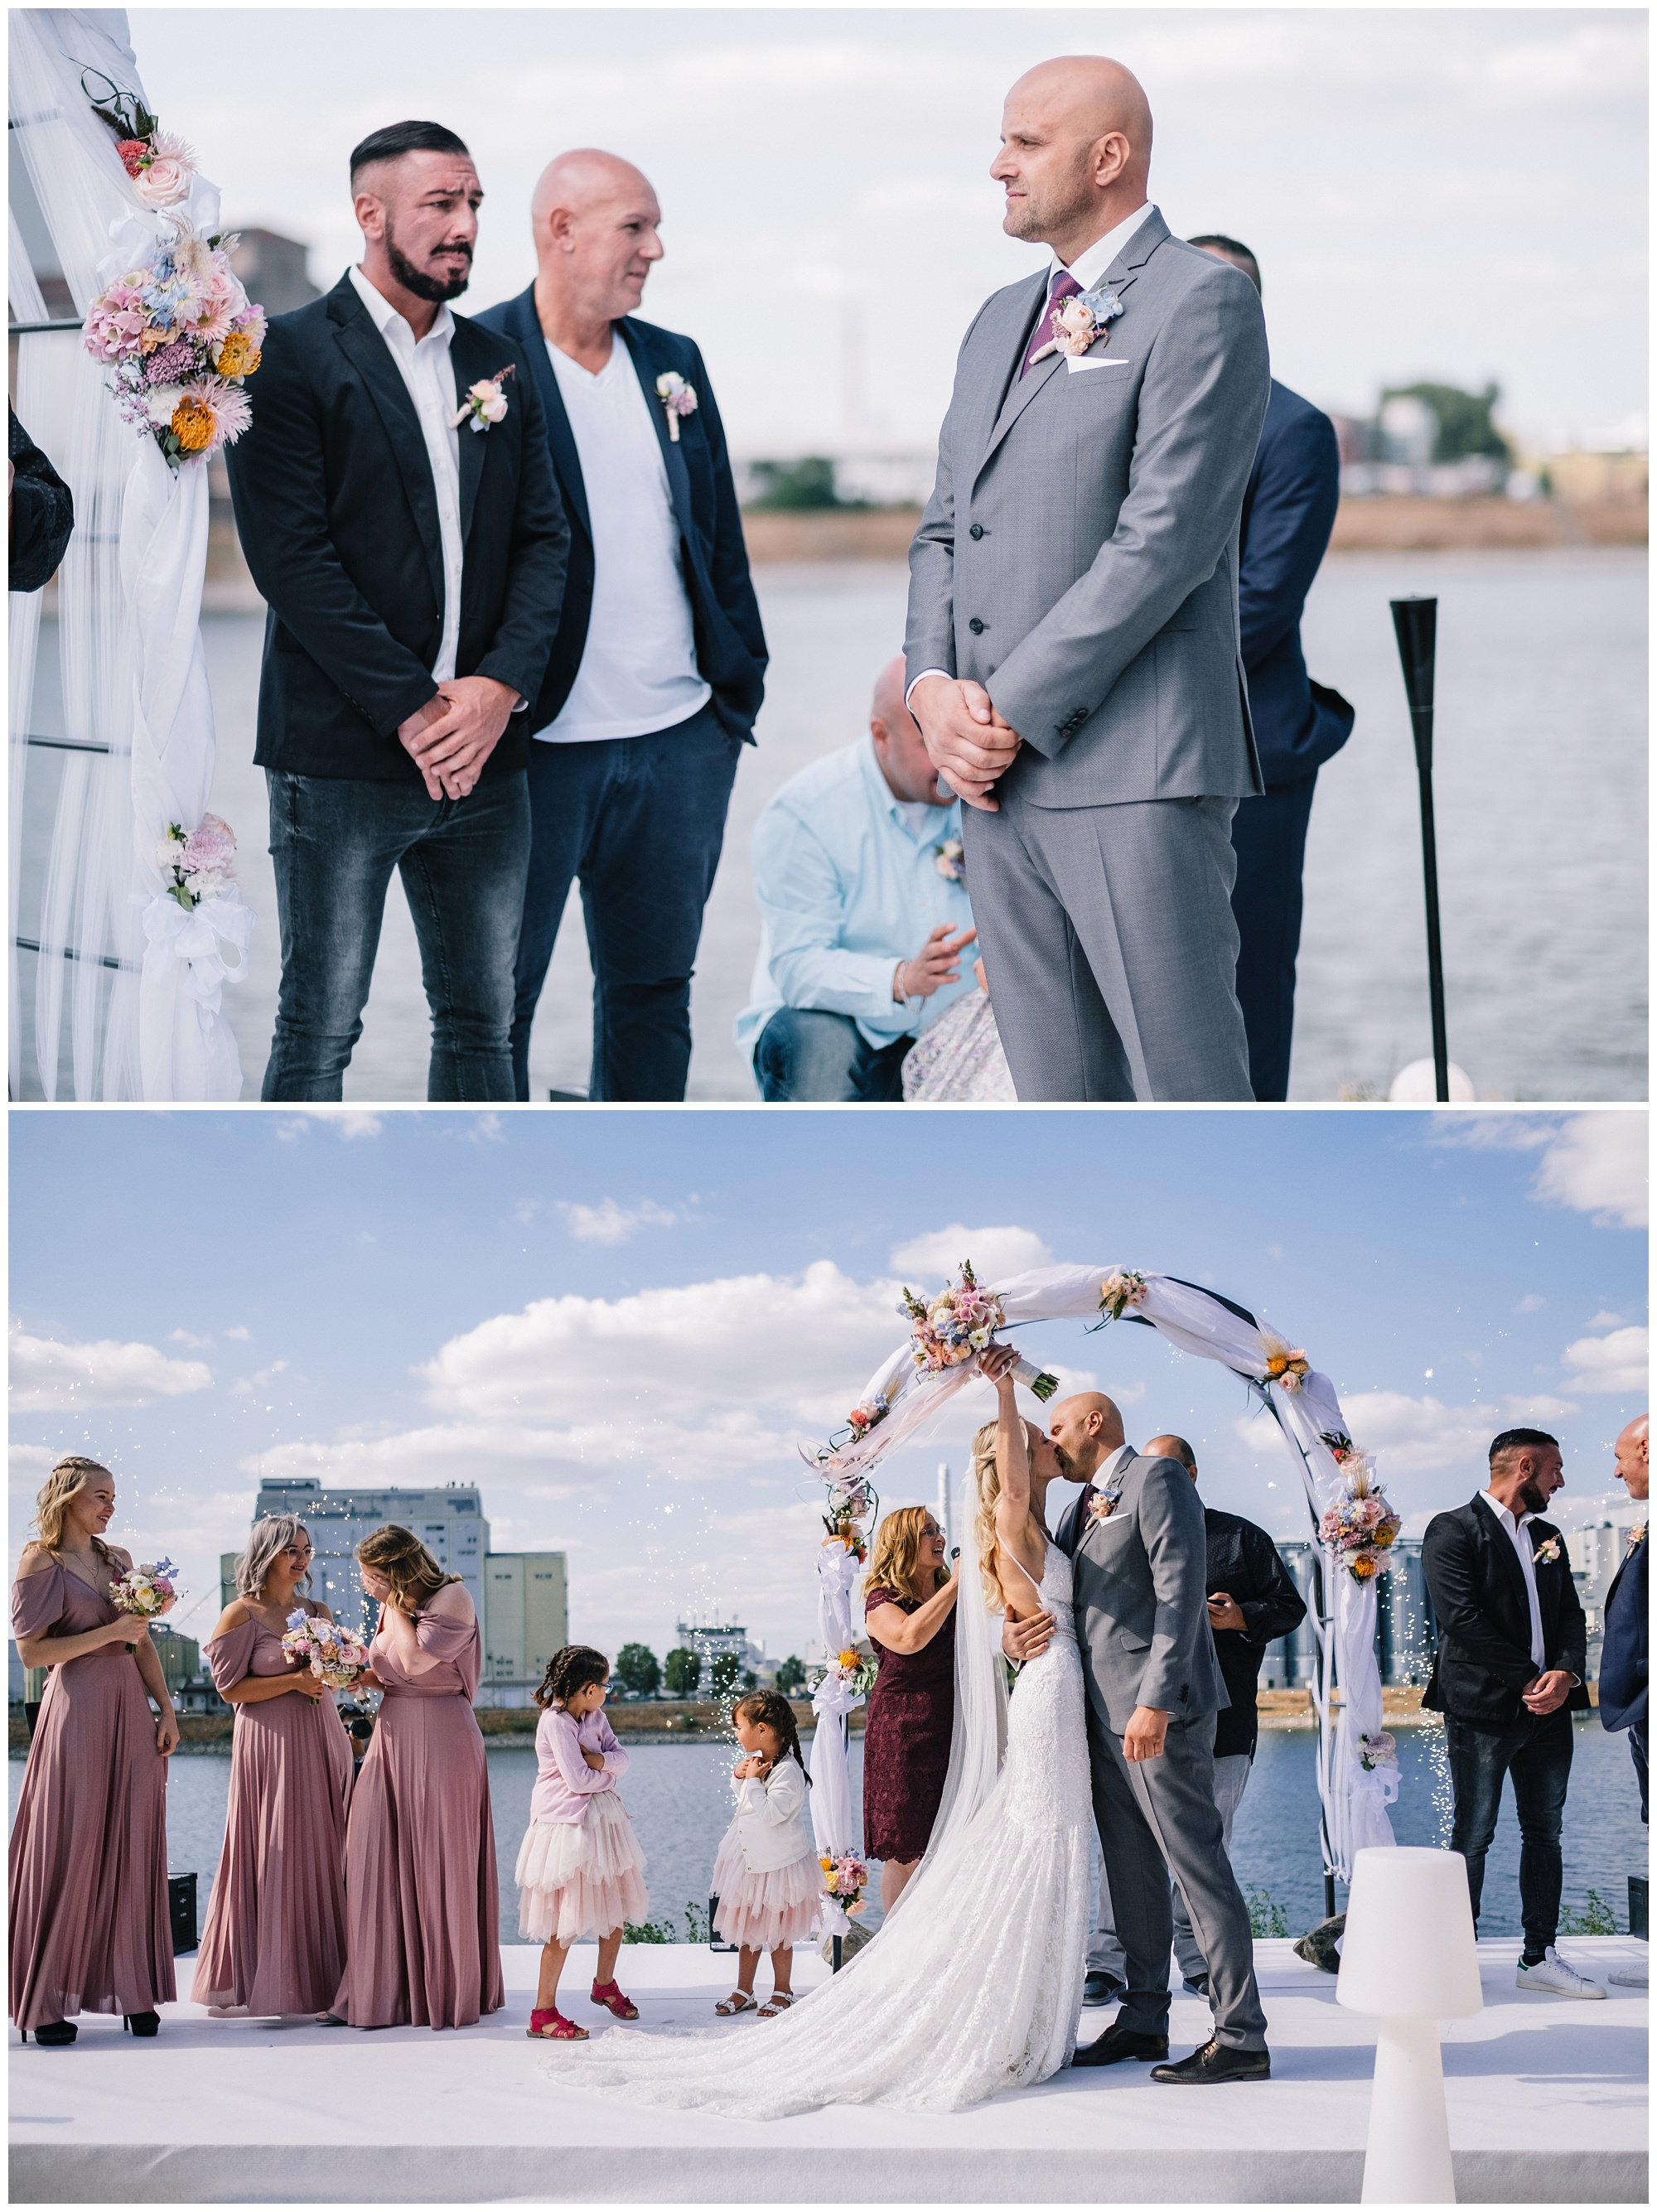 Hochzeit-Manufaktur-Mannheim-Wiegelmann-47_web.jpg